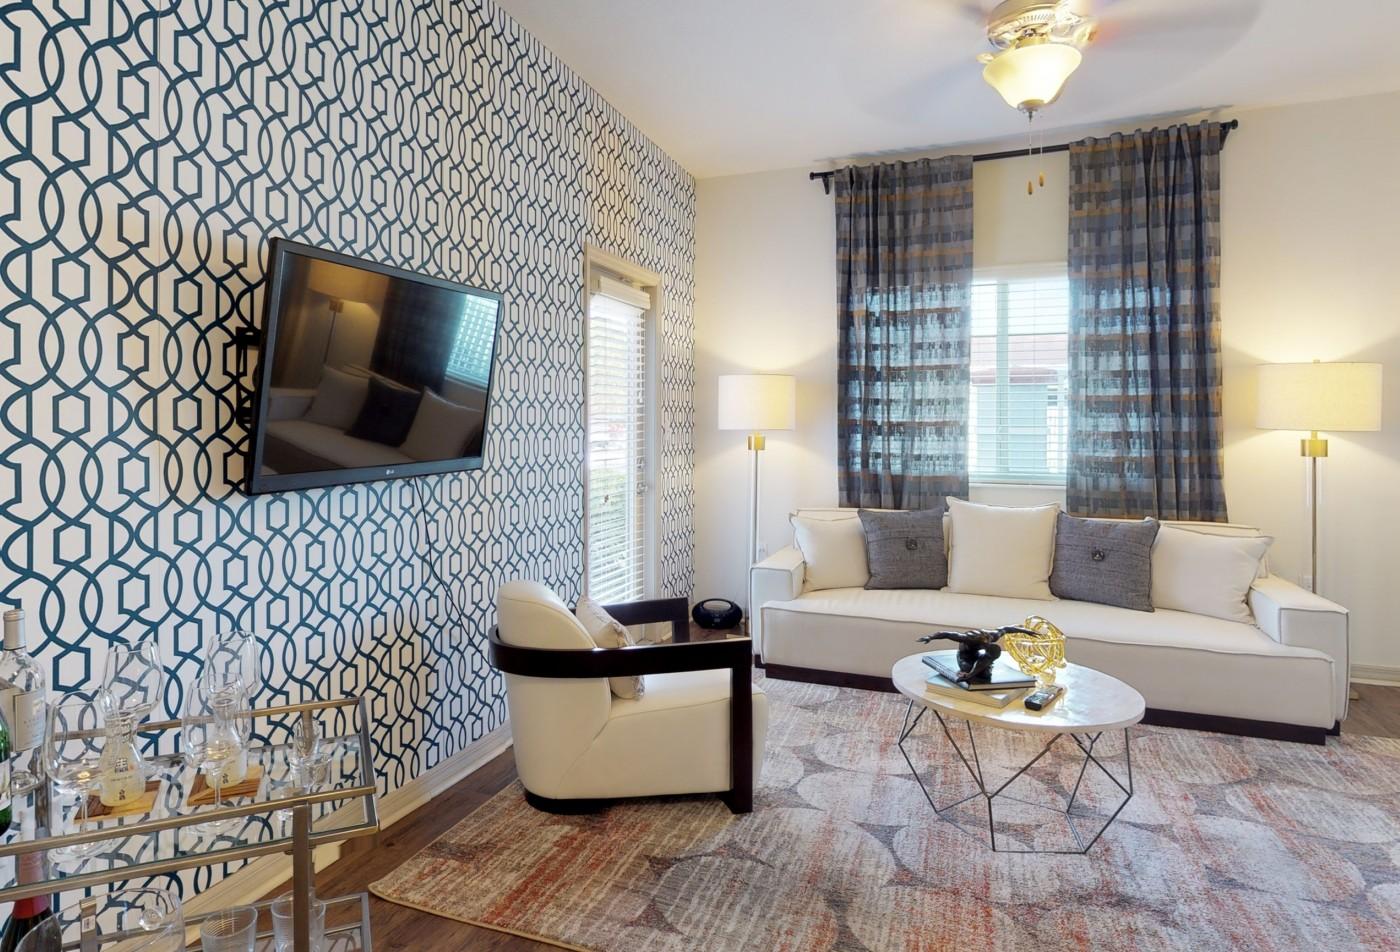 miami apartments with photos